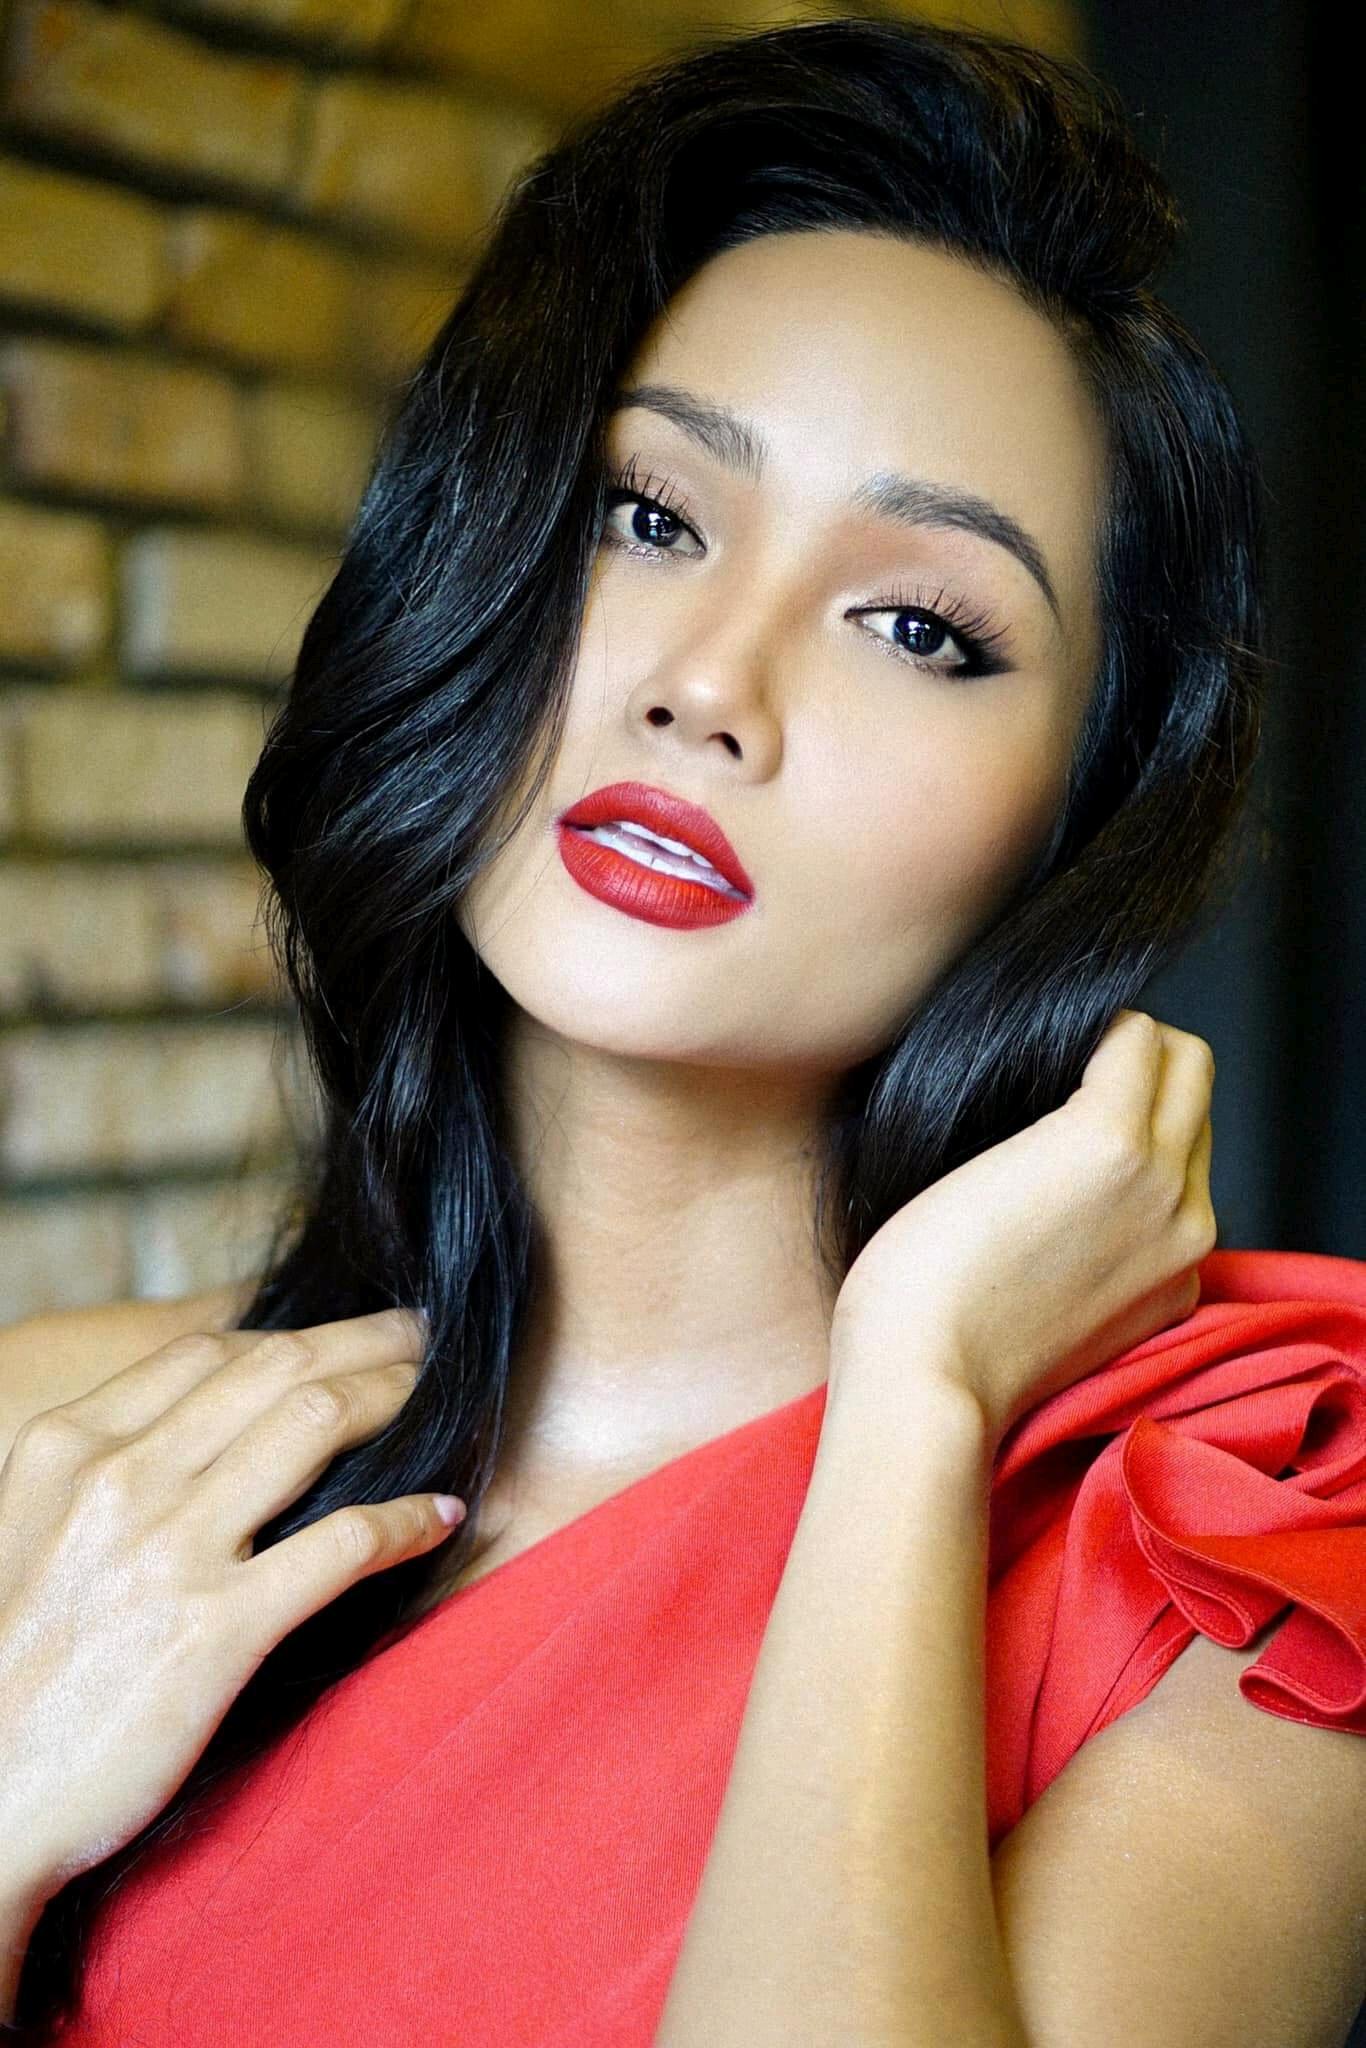 Bản tin Hoa hậu Hoàn vũ 19/8: H'Hen Niê áp đảo dàn mỹ nữ với kiểu tóc dài đẹp nhất từ trước tới nay